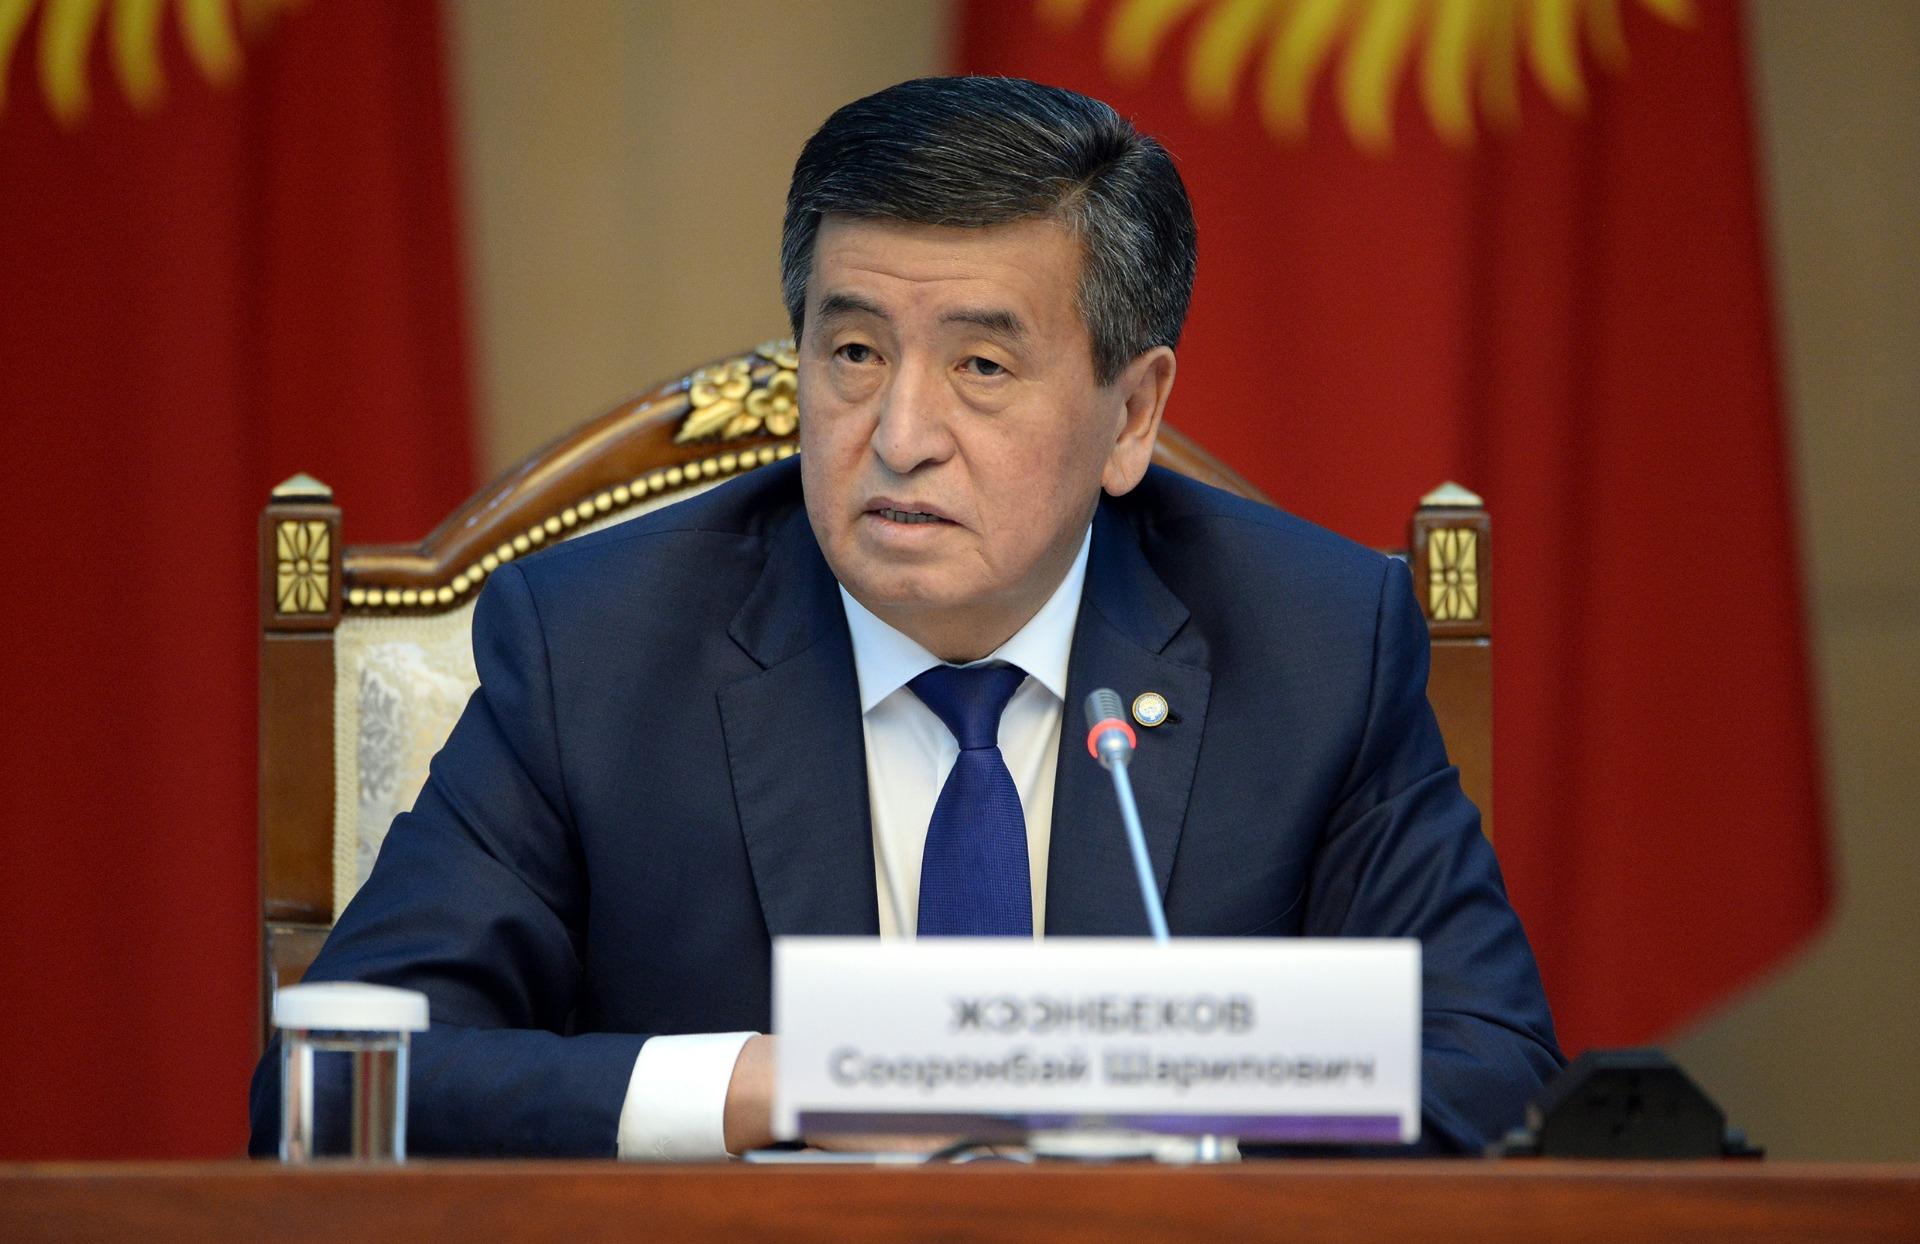 Сооронбай Жээнбеков Кой-Ташта болгон башаламандык боюнча комментарий берди